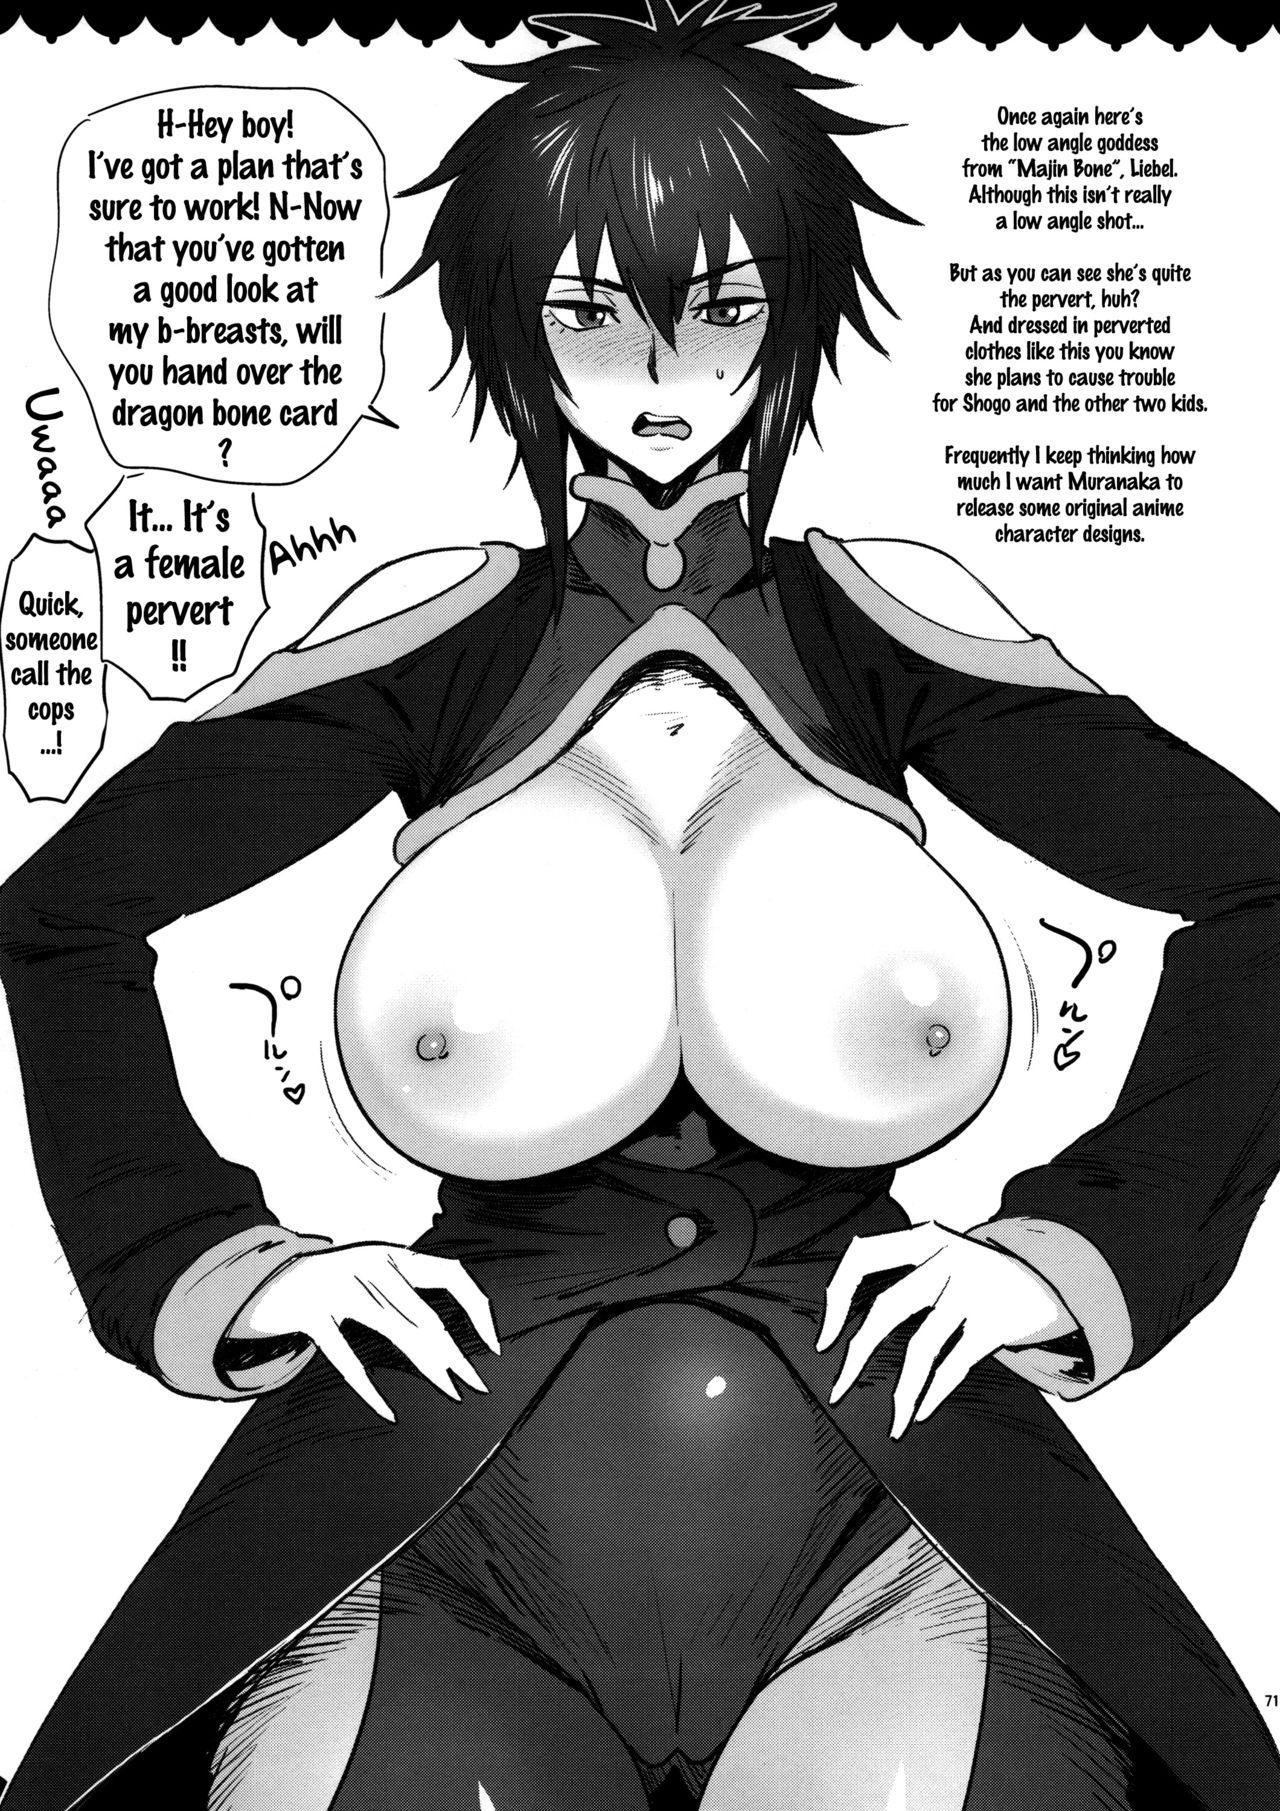 (C90) [Abradeli Kami (Bobobo)] ◯◯-san no Oppai ga Mitai Hon Soushuuhen+ | Boobs (O|O) Book Summary (Various) [English] {Doujins.com} 69